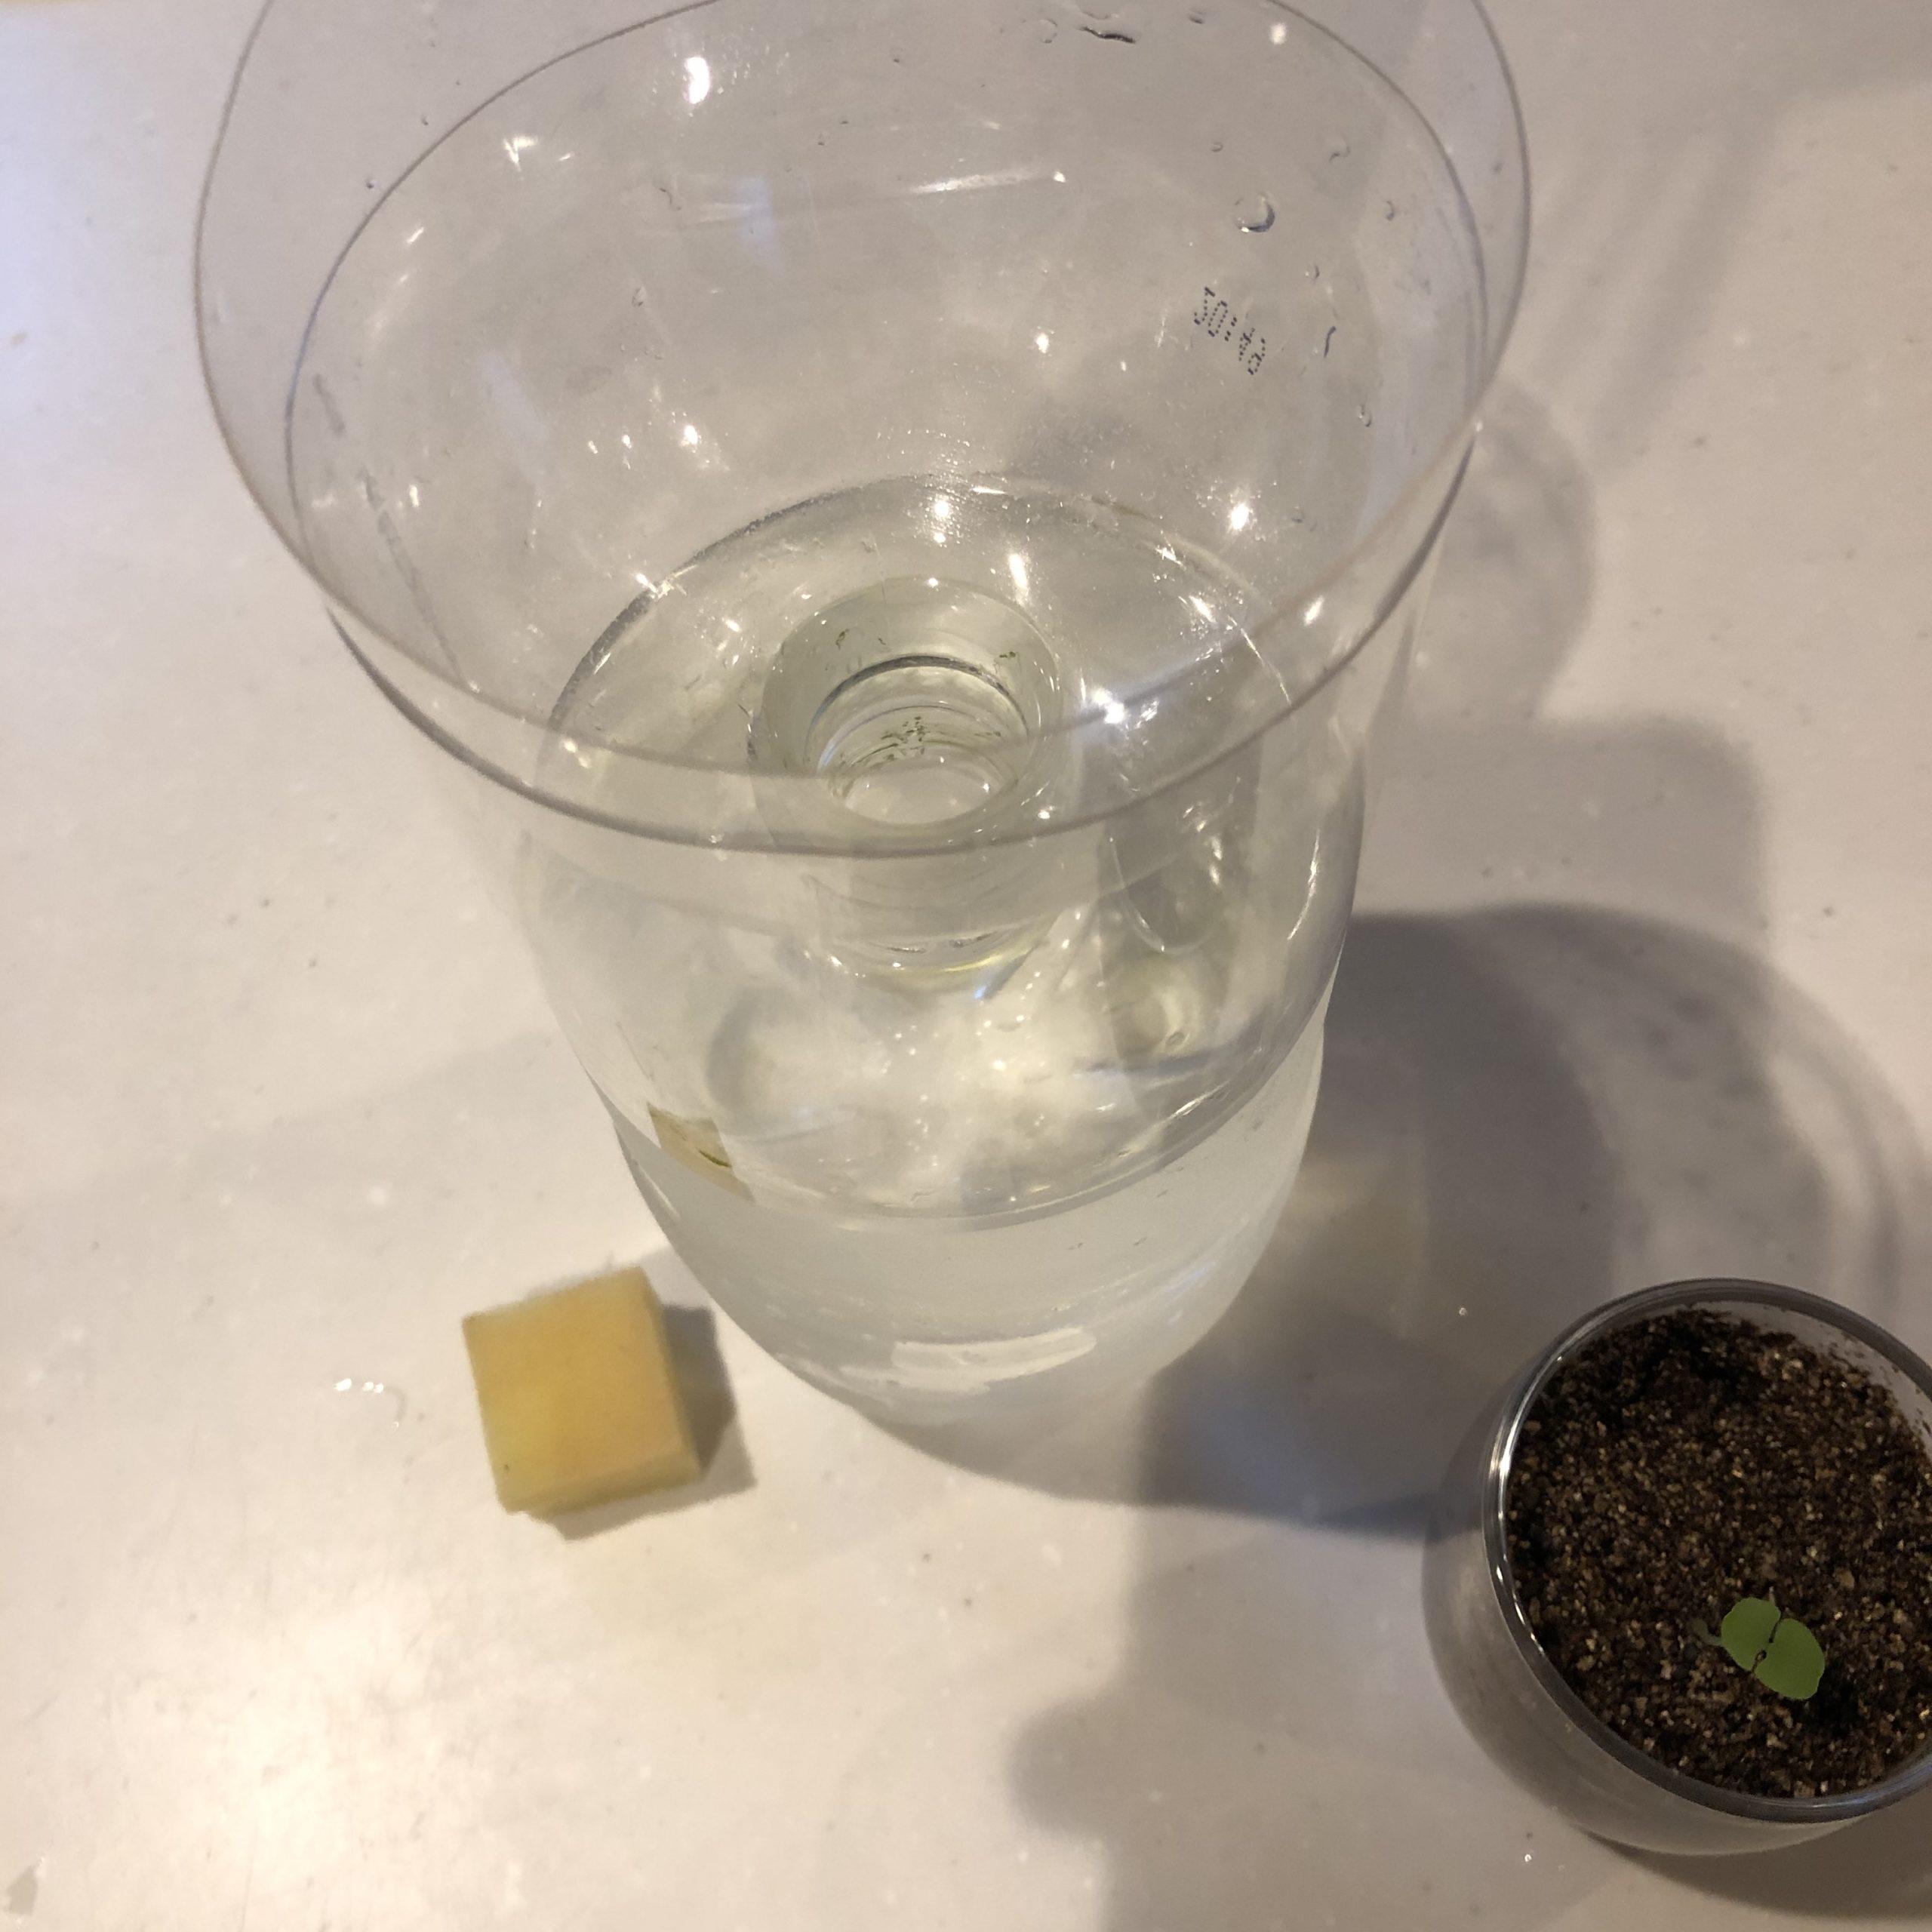 バジルの水耕栽培容器